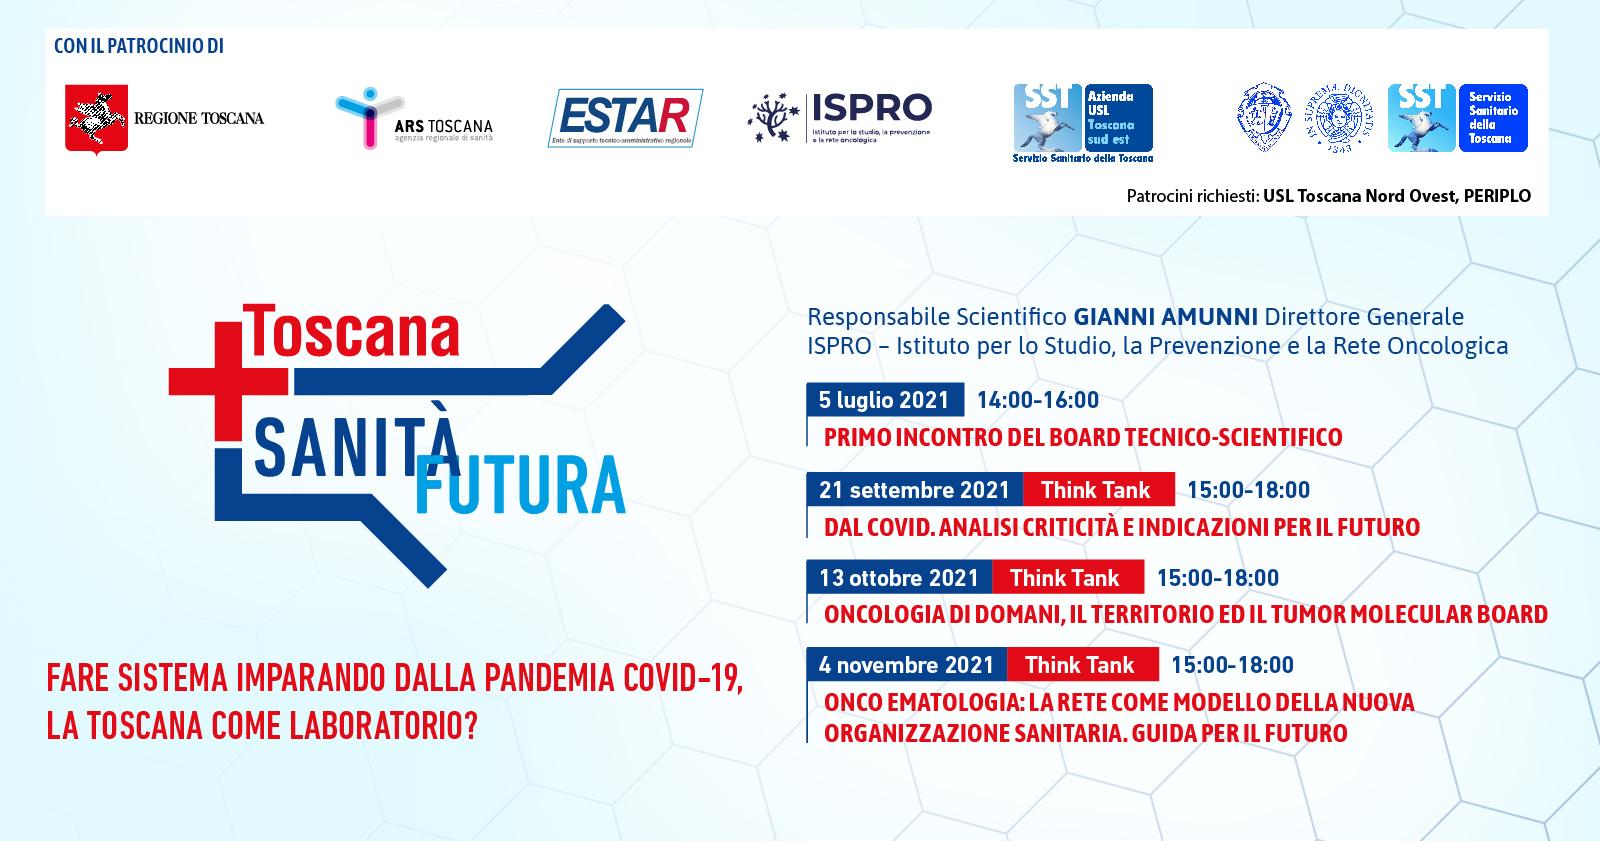 Sanità futura: fare sistema imparando dalla Pandemia Covid-19, la Toscana come laboratorio?